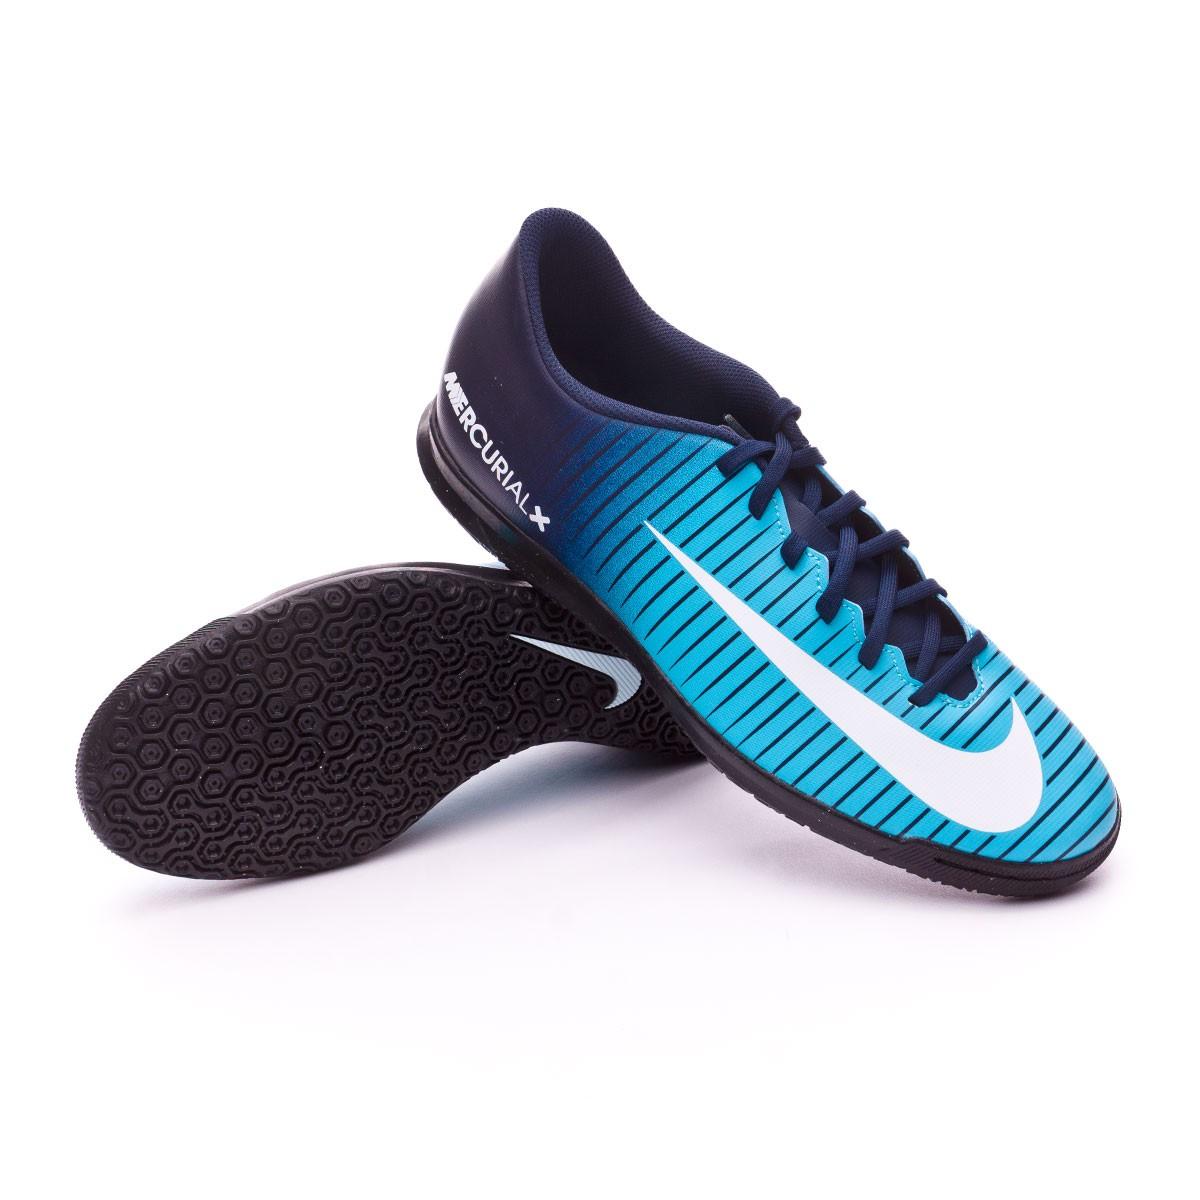 c5fedf0dc Futsal Boot Nike MercurialX Vortex III IC Obsidian-White-Gamma blue -  Tienda de fútbol Fútbol Emotion